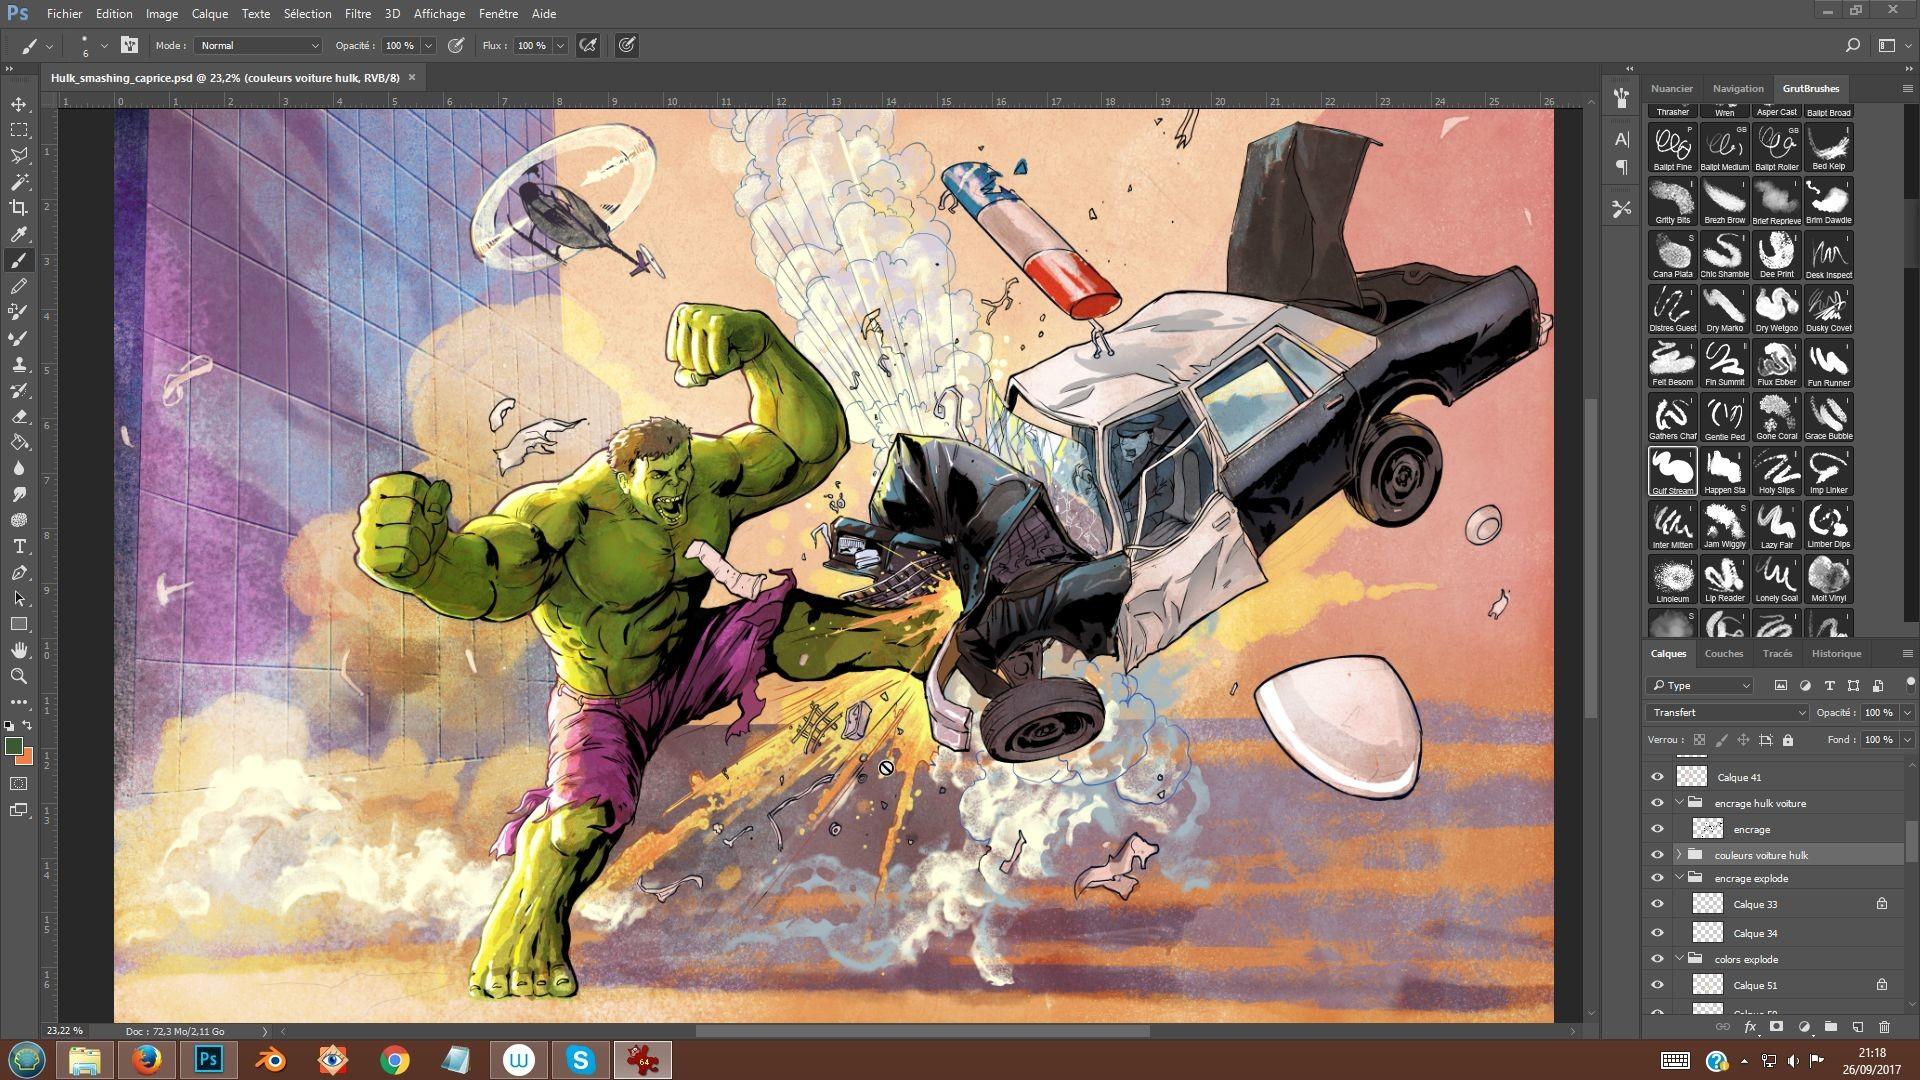 Serge fiedos 08 hulk smashing caprice almostdone by serge fiedos